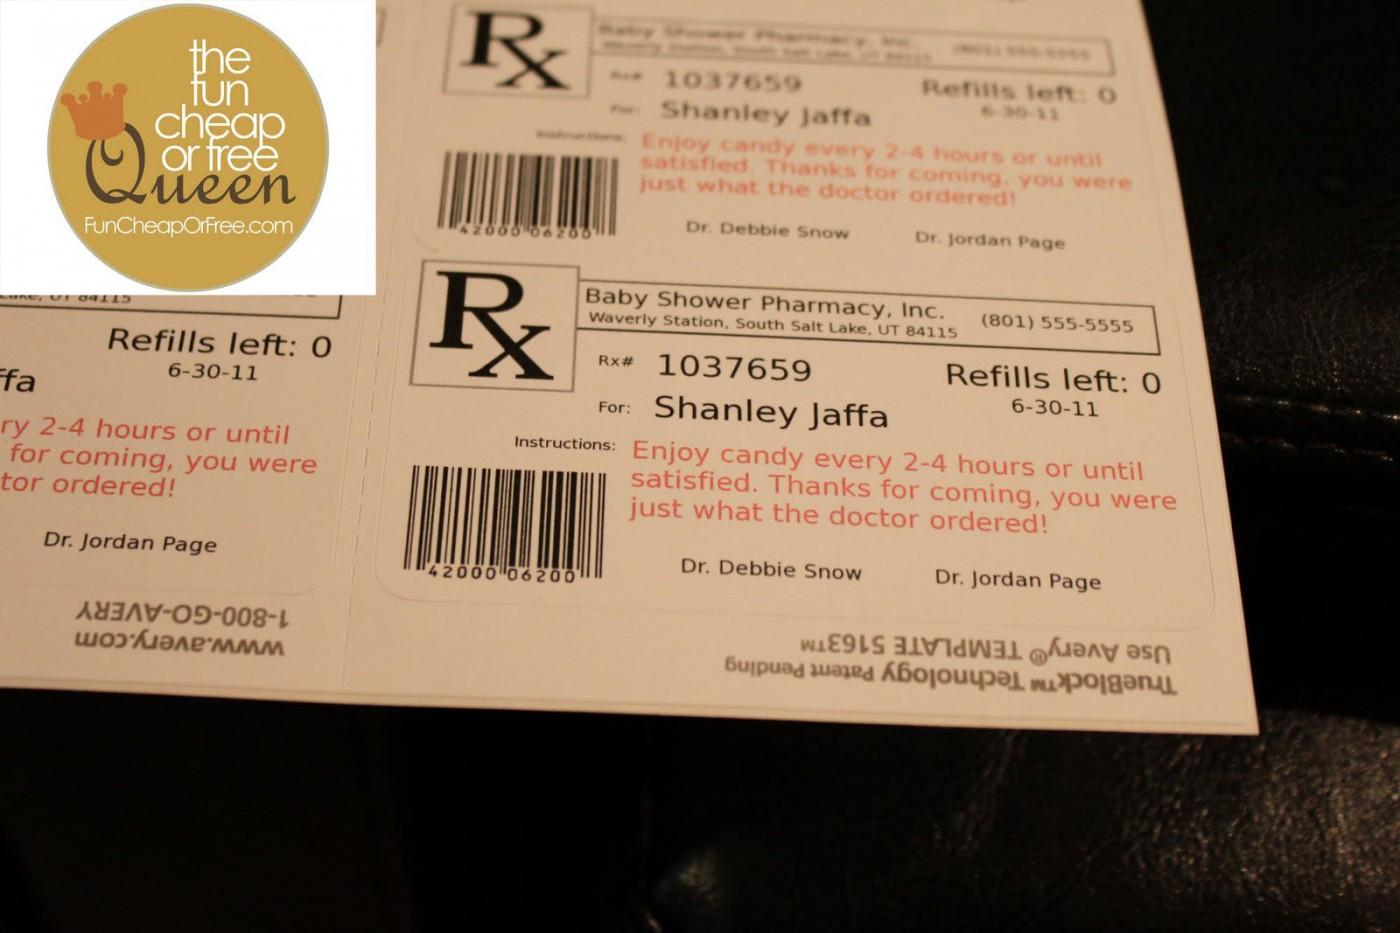 008 Impressive Free Fake Prescription Label Template Inspiration 1400